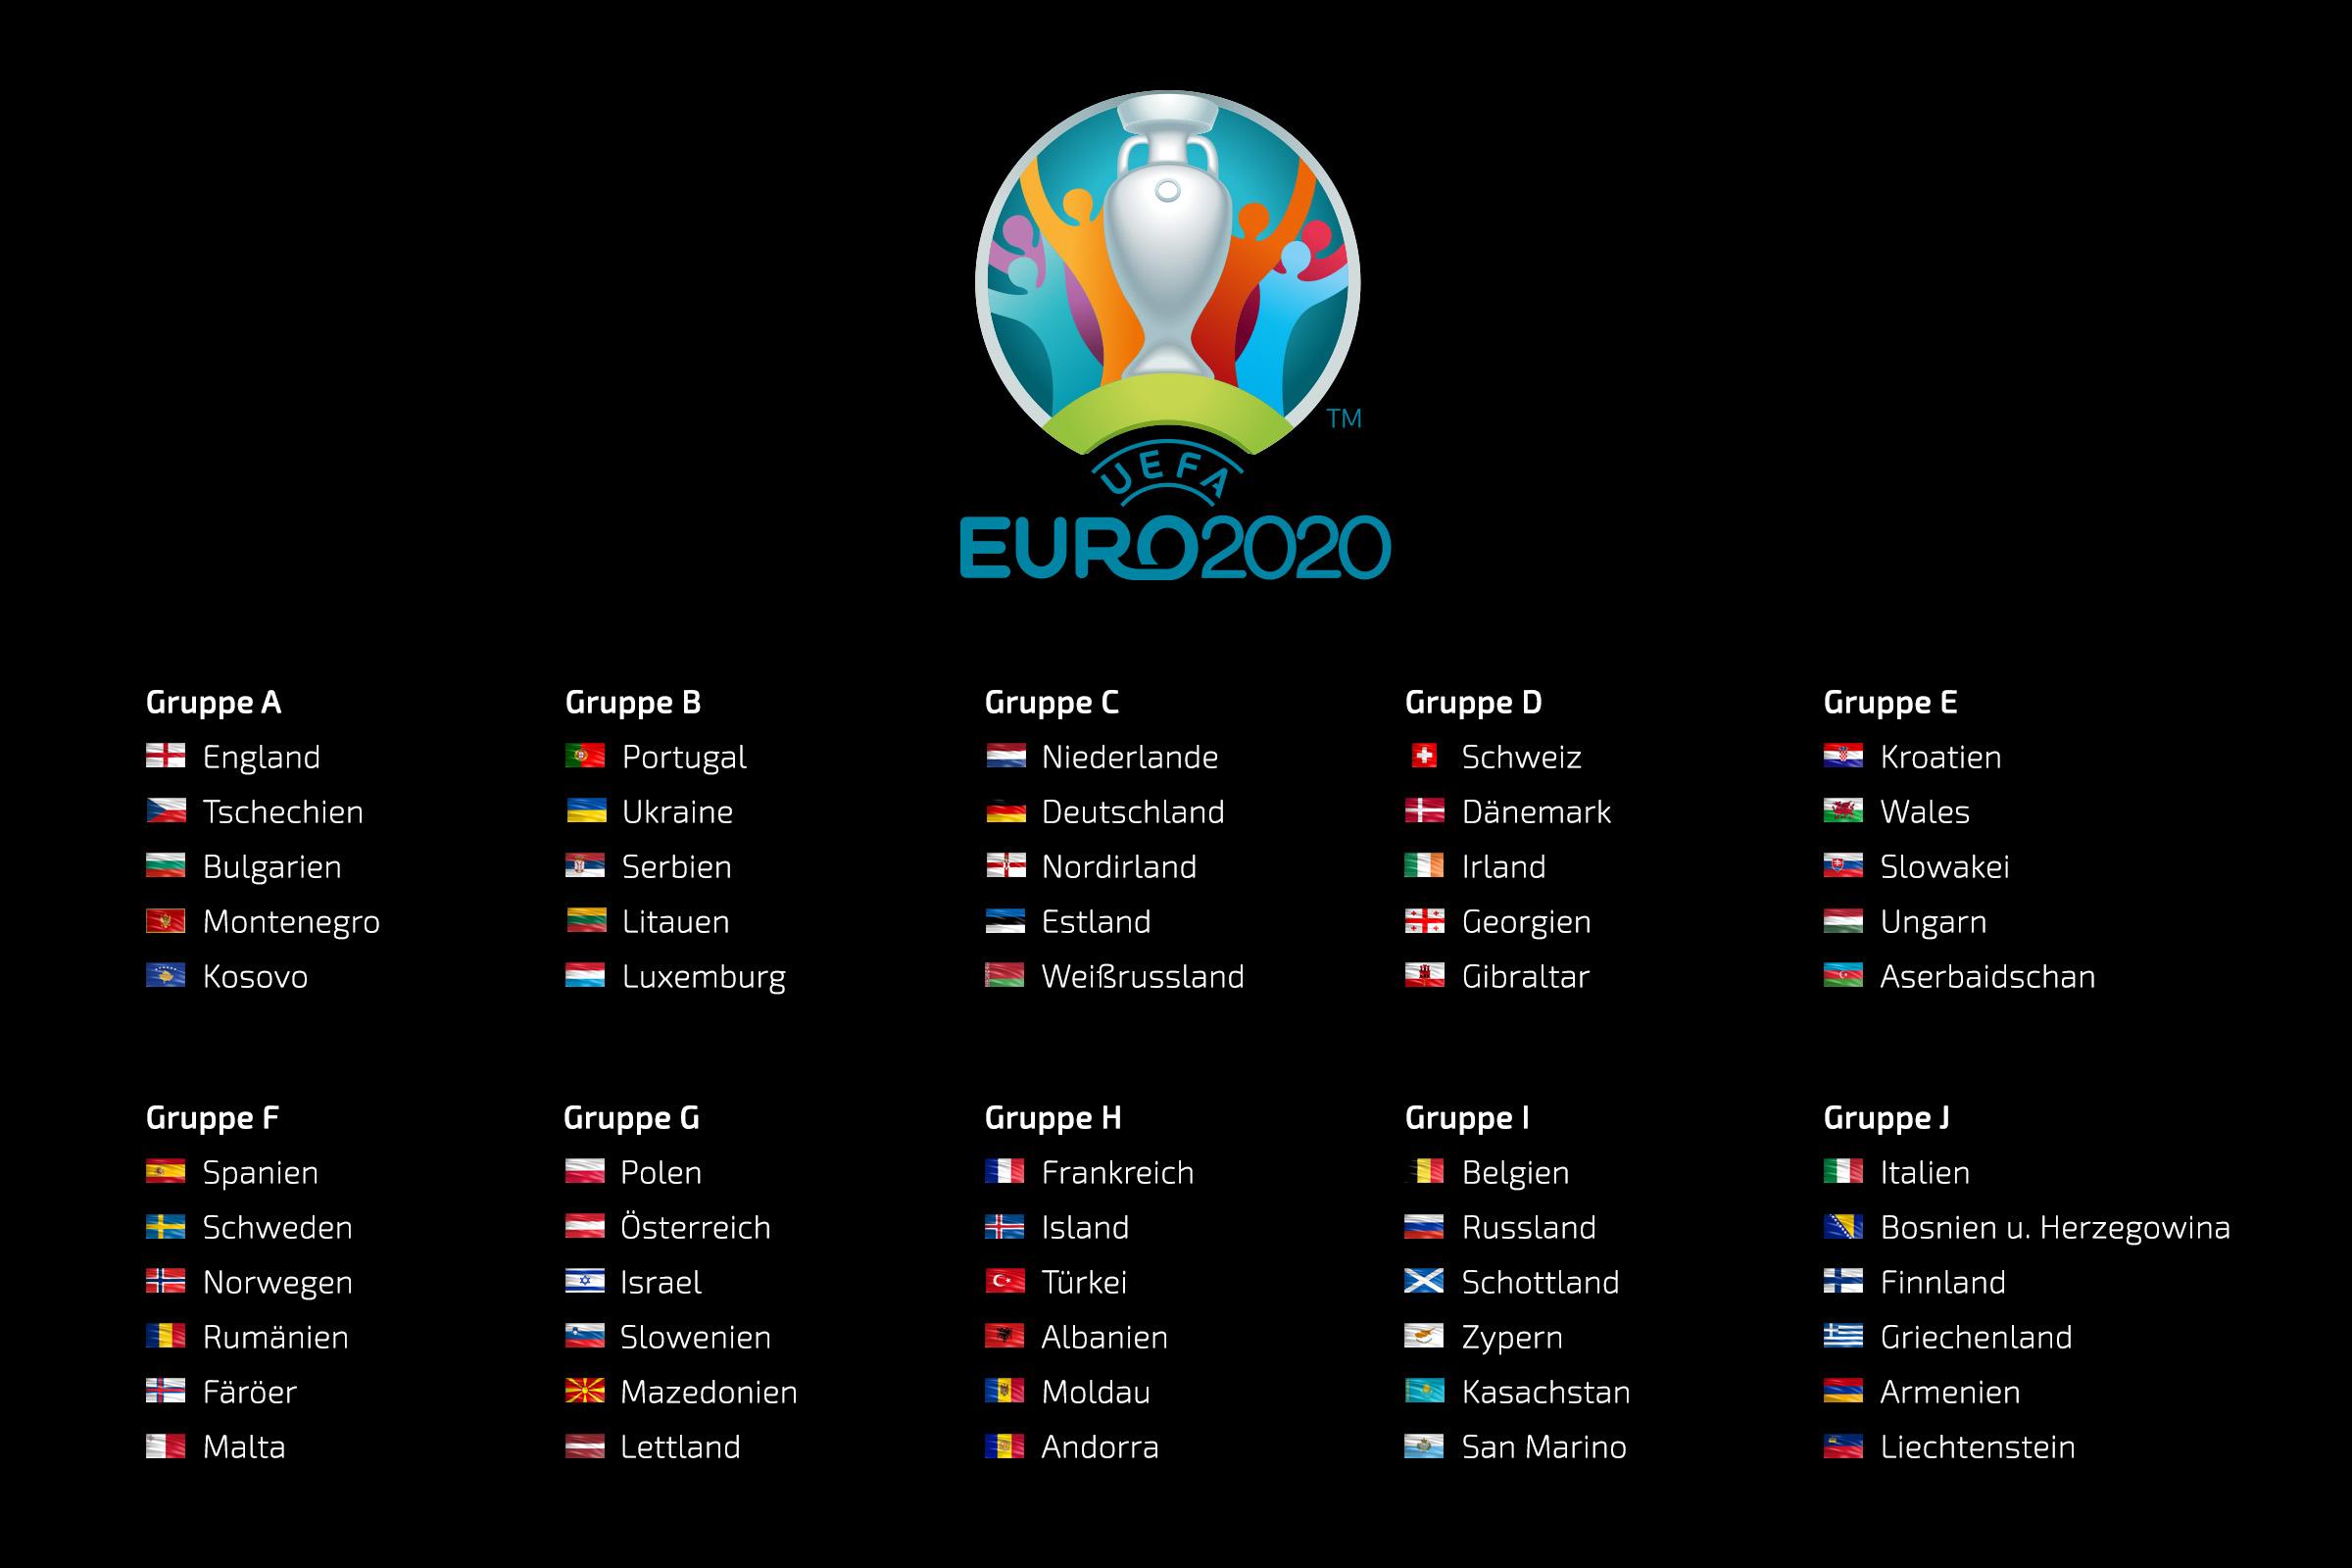 Europameisterschaft 2020 Qualifikation